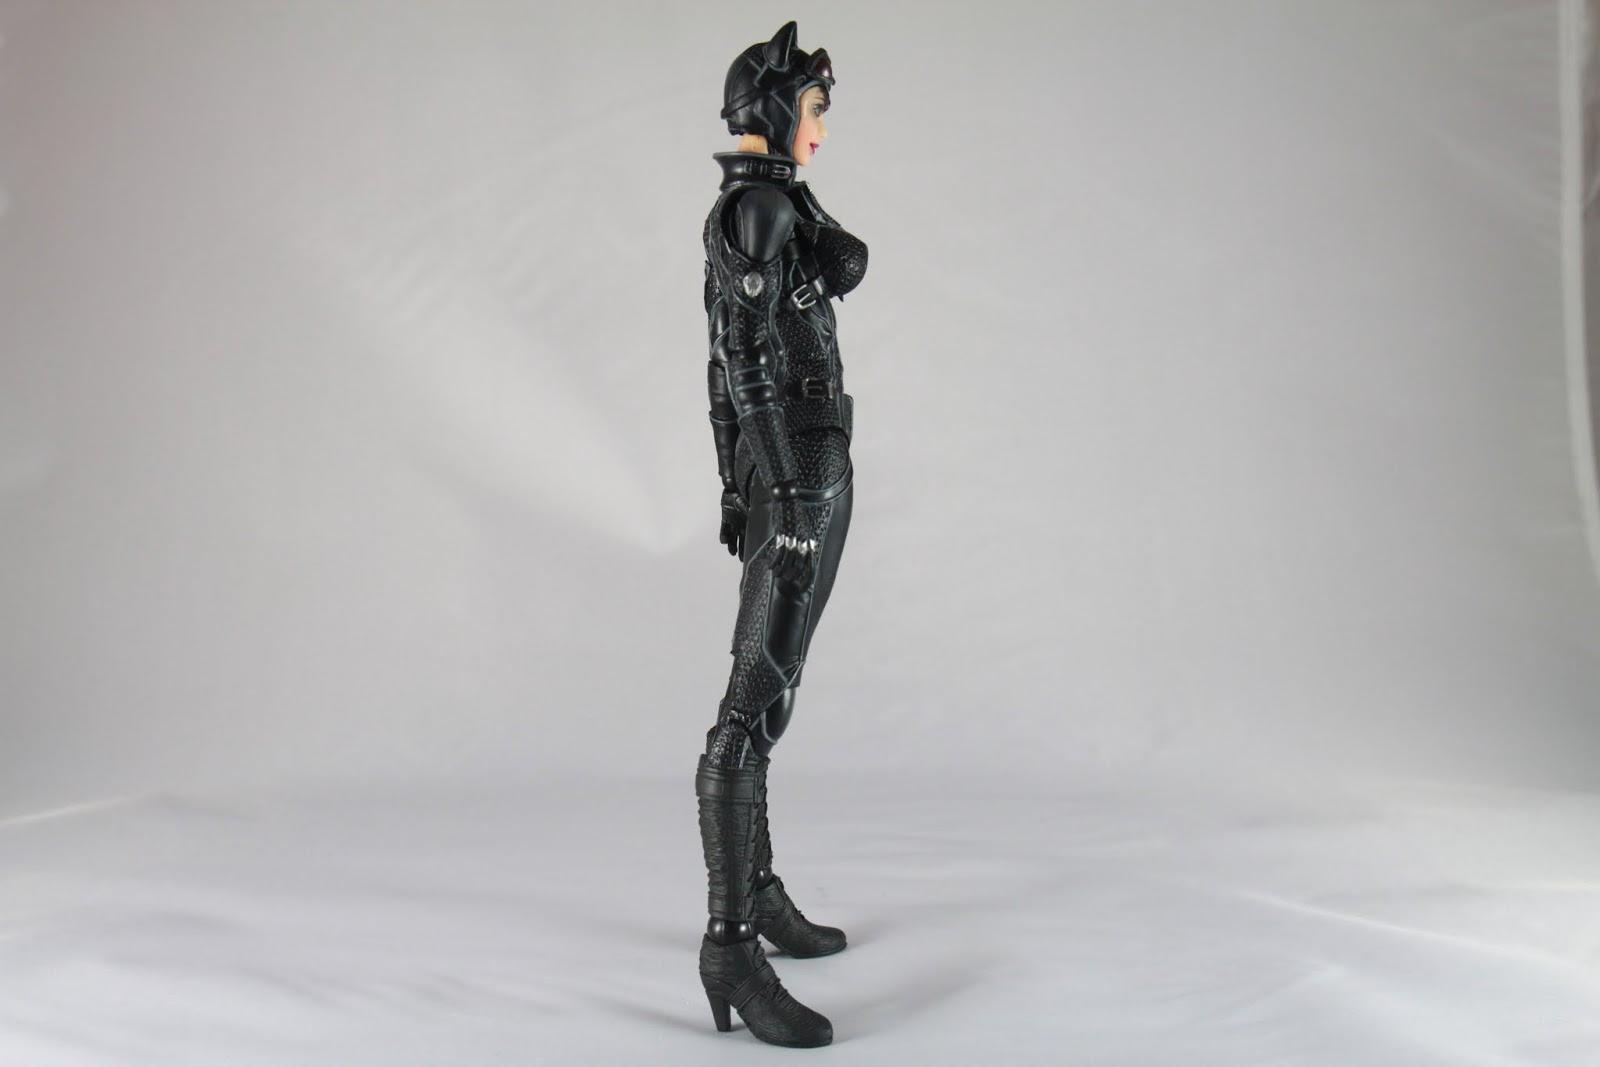 側面修長的腿一覽無疑 還有特別突出的….恩